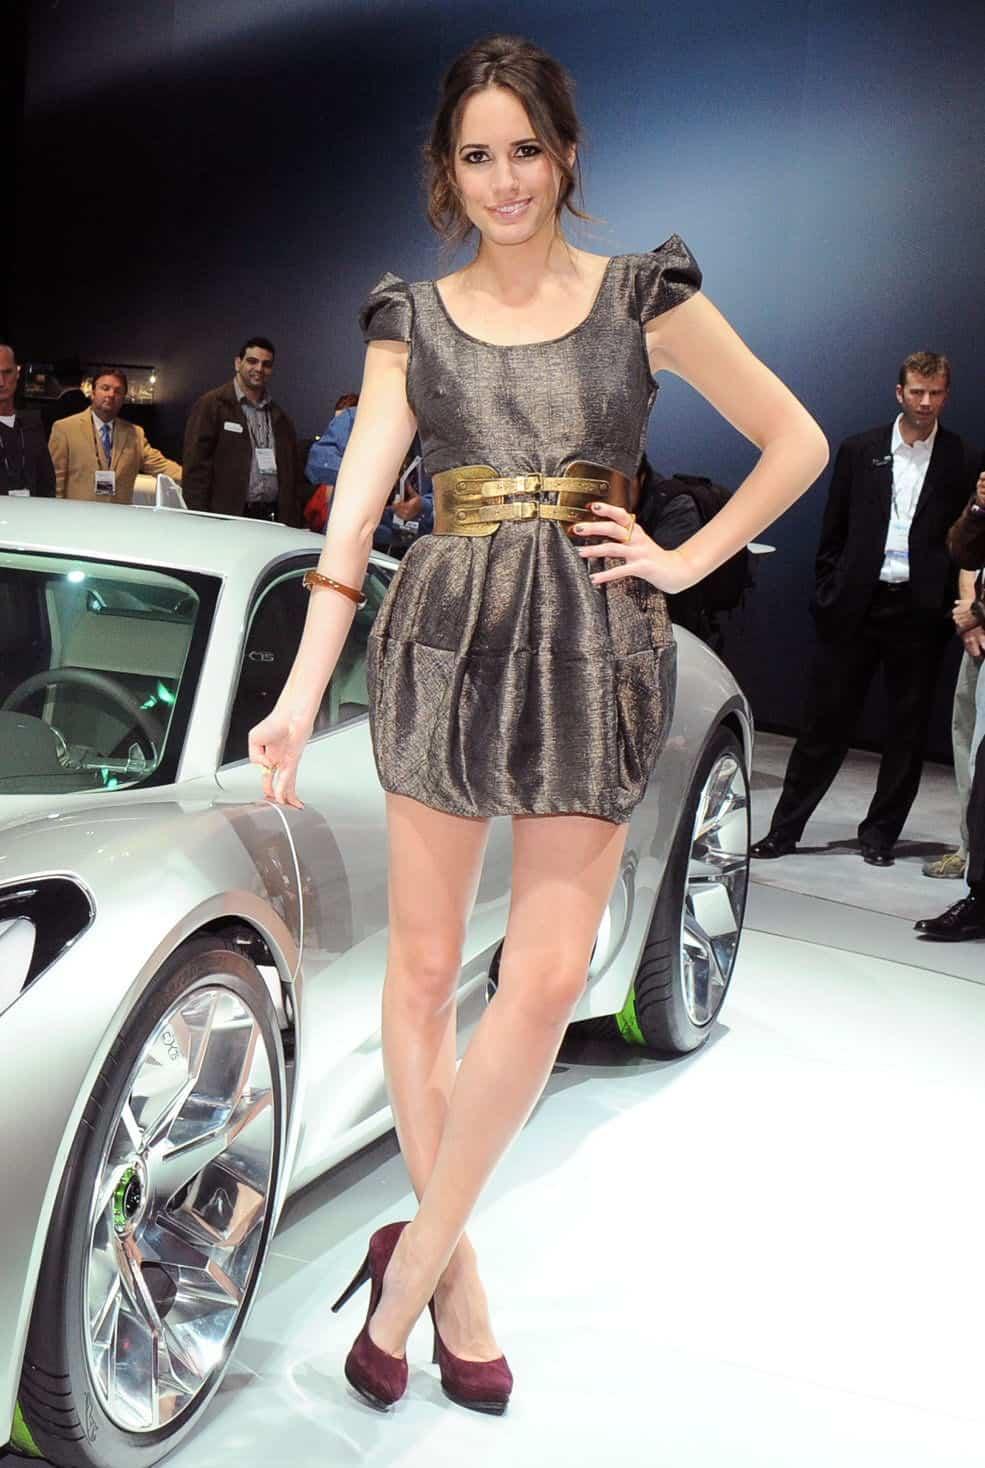 LA-Hot-Auto-Show-Girls-Jaguar-Brunette